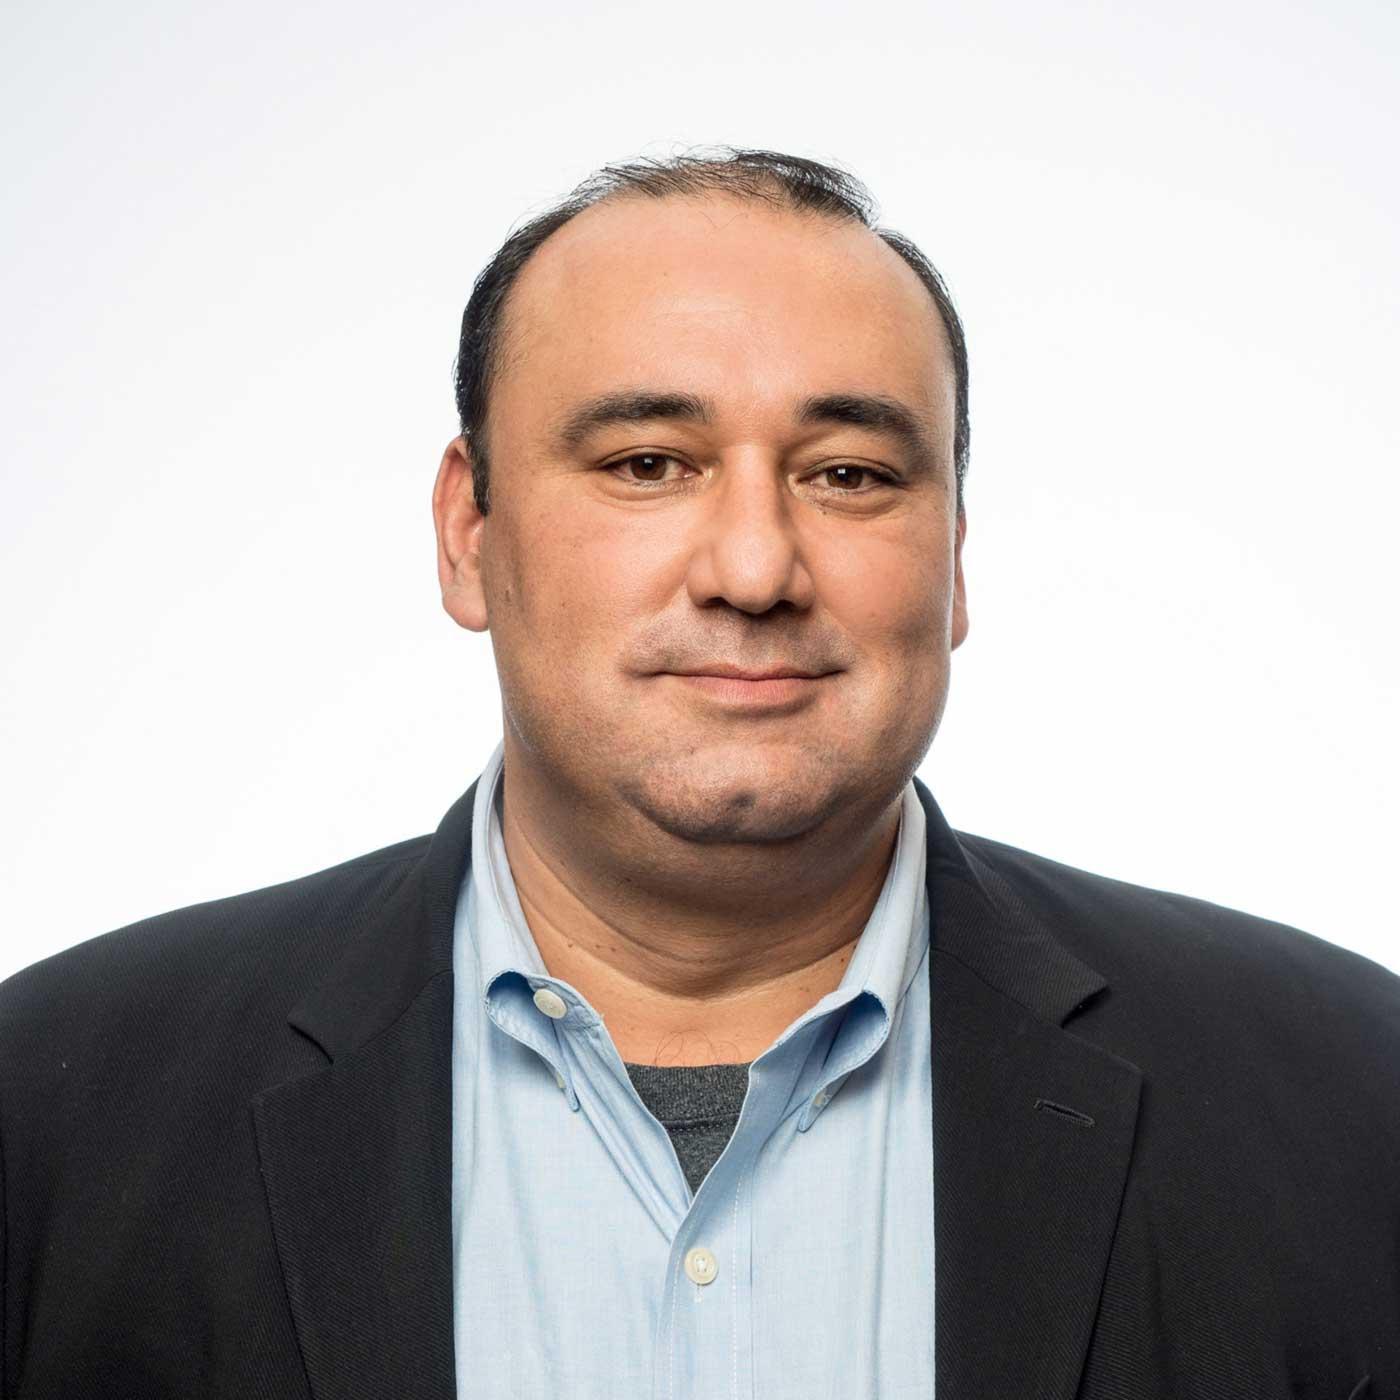 Gus-Cruzalegui